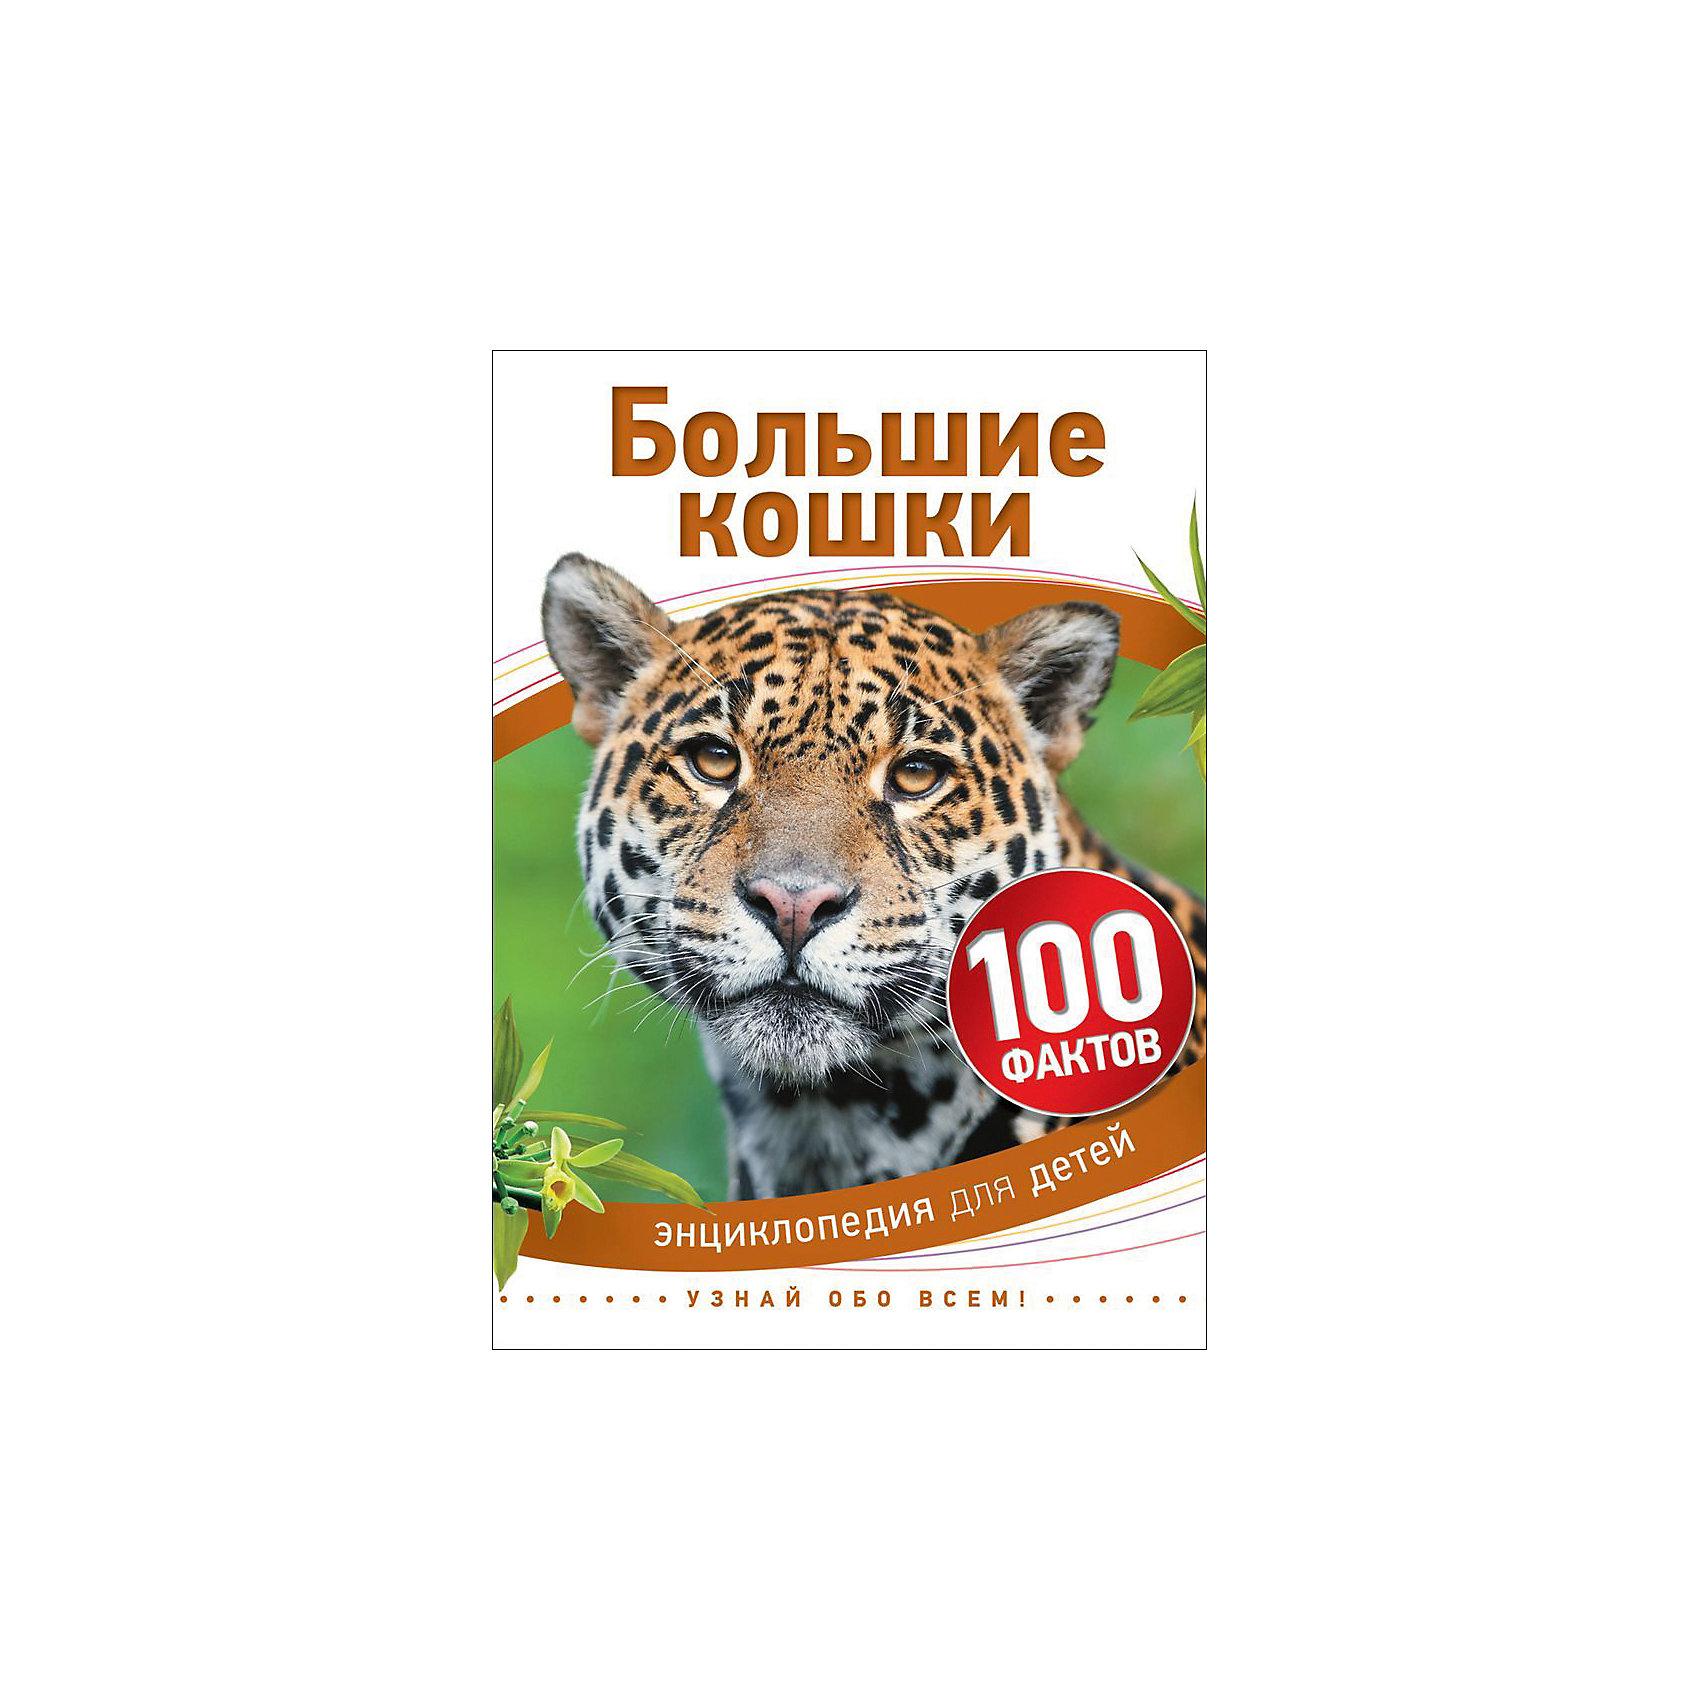 Большие кошки (100 фактов)Характеристики товара:<br><br>- цвет: разноцветный;<br>- материал: бумага;<br>- страниц: 48;<br>- формат: 17 х 21 см;<br>- обложка: твердая;<br>- иллюстрации.<br><br>Эта интересная книга с иллюстрациями станет отличным подарком для ребенка. Она содержит в себе ответы на вопросы, которые интересуют малышей. Всё представлено в очень простой форме! Талантливый иллюстратор дополнил книгу качественными рисунками, которые помогают ребенку понять суть многих вещей в нашем мире. Удивительные и интересные факты помогут привить любовь к учебе!<br>Чтение - отличный способ активизации мышления, оно помогает ребенку развивать зрительную память, концентрацию внимания и воображение. Издание произведено из качественных материалов, которые безопасны даже для самых маленьких.<br><br>Книгу Большие кошки (100 фактов) от компании Росмэн можно купить в нашем интернет-магазине.<br><br>Ширина мм: 220<br>Глубина мм: 165<br>Высота мм: 7<br>Вес г: 200<br>Возраст от месяцев: 60<br>Возраст до месяцев: 84<br>Пол: Унисекс<br>Возраст: Детский<br>SKU: 5109946